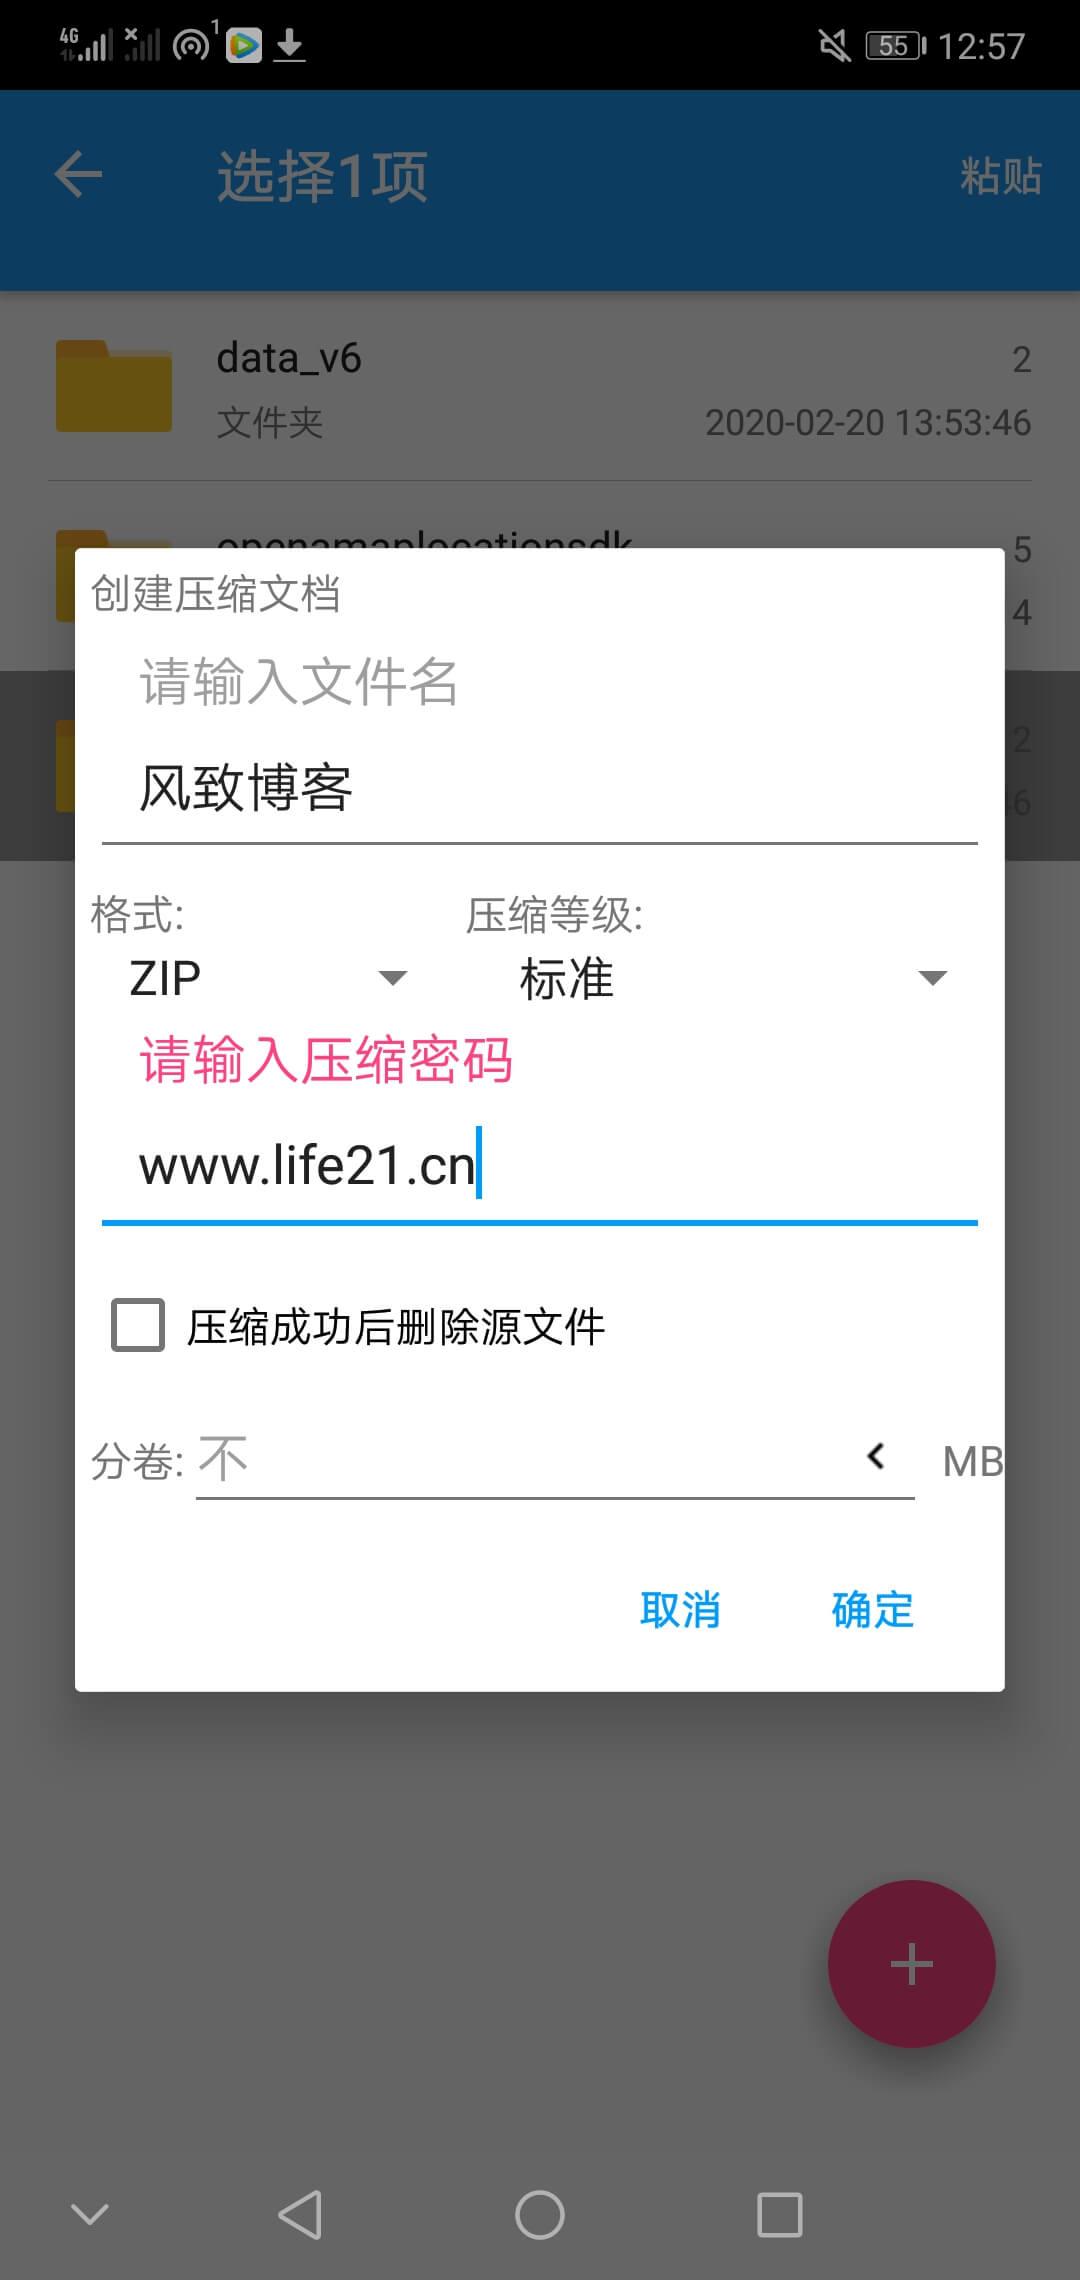 安卓解压缩全能王纯净高级版v3.4.0